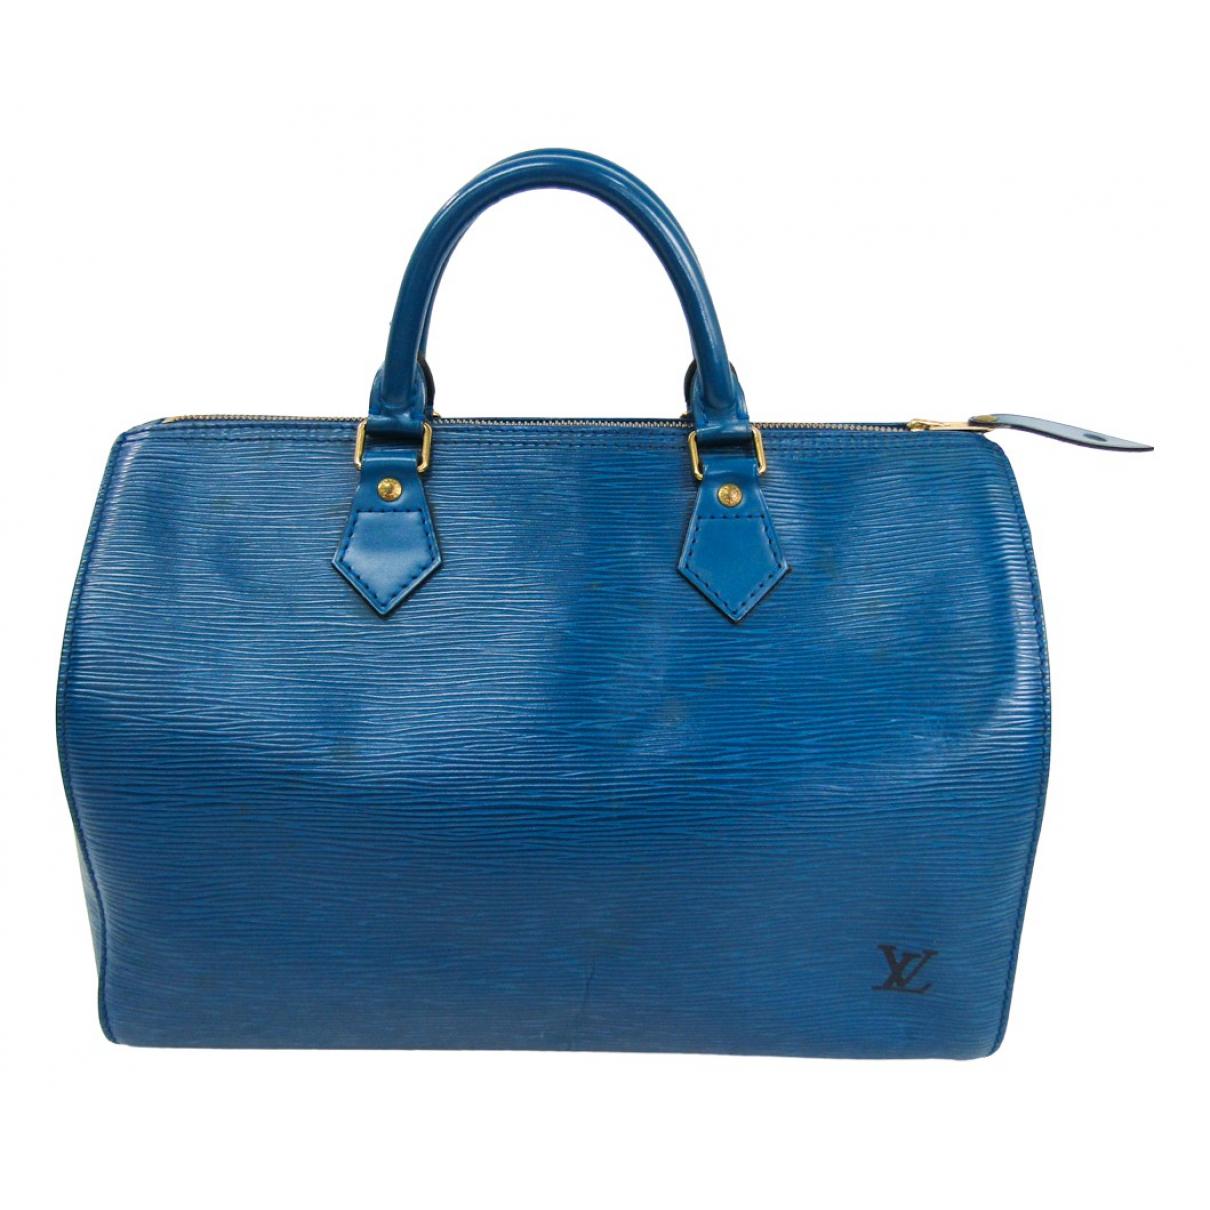 Louis Vuitton Speedy Handtasche in  Blau Leder